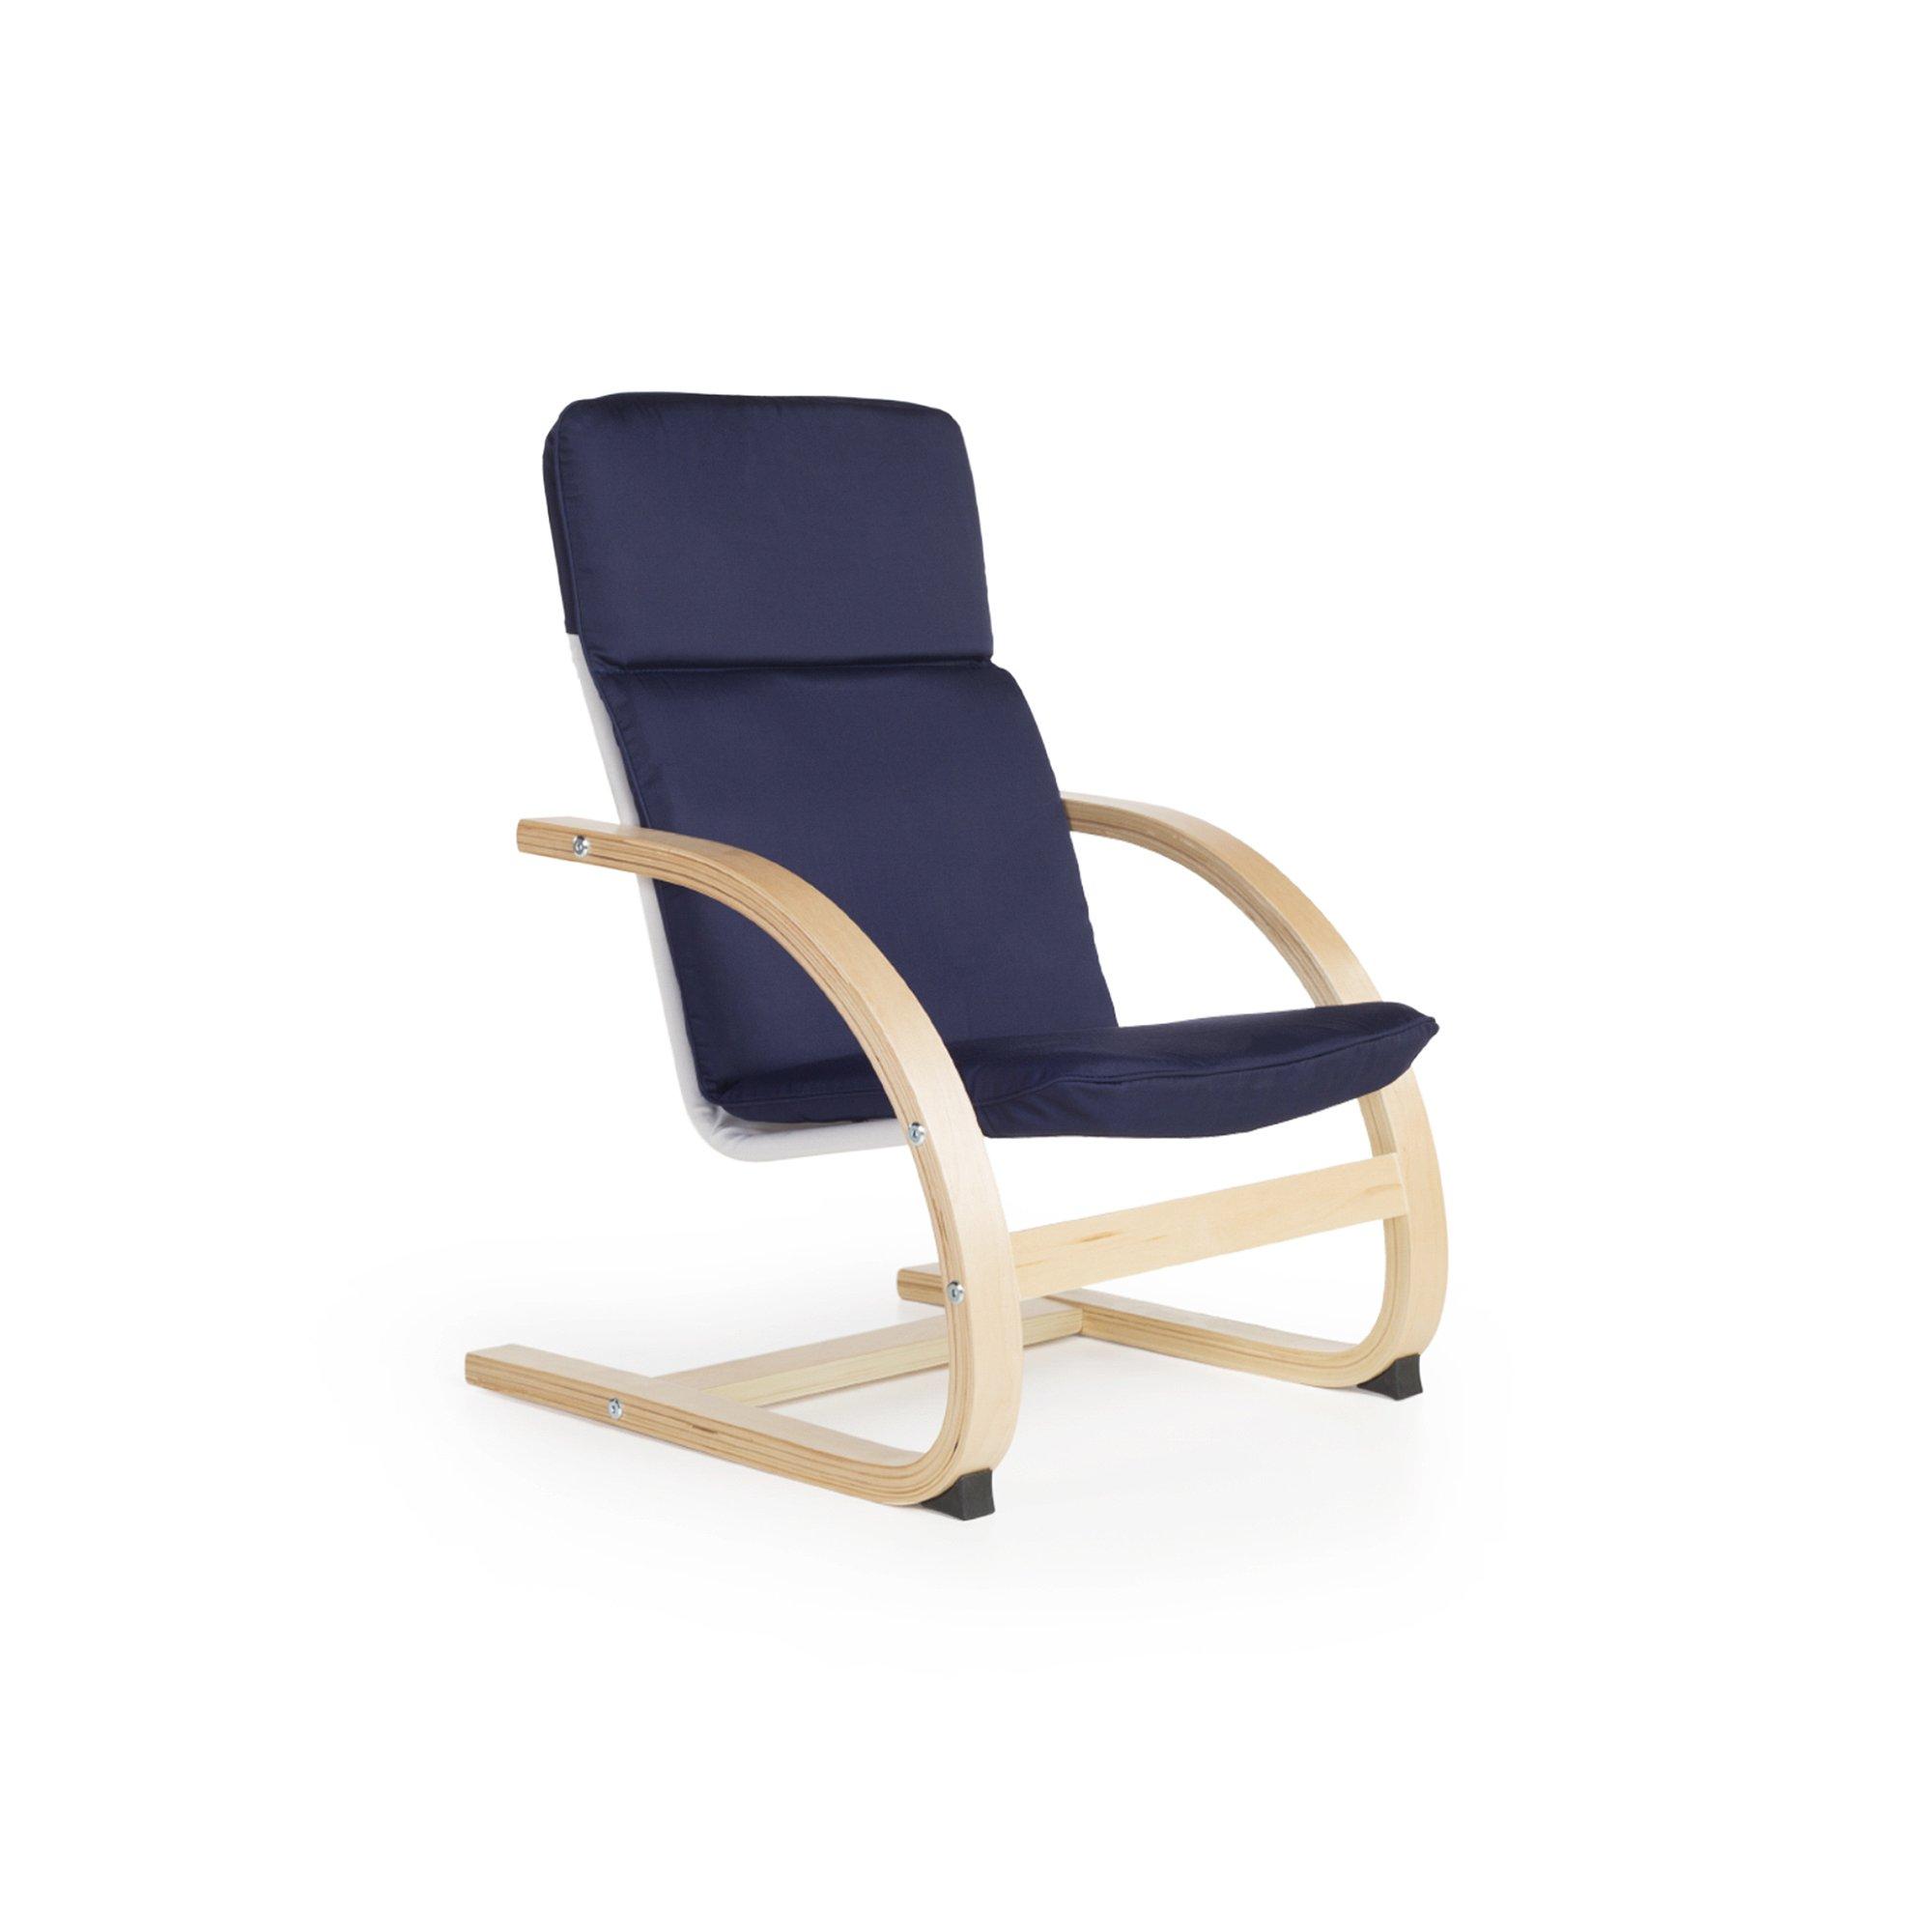 Guidecraft Nordic Rocker, Blue Cushioned Chair Kids Furniture